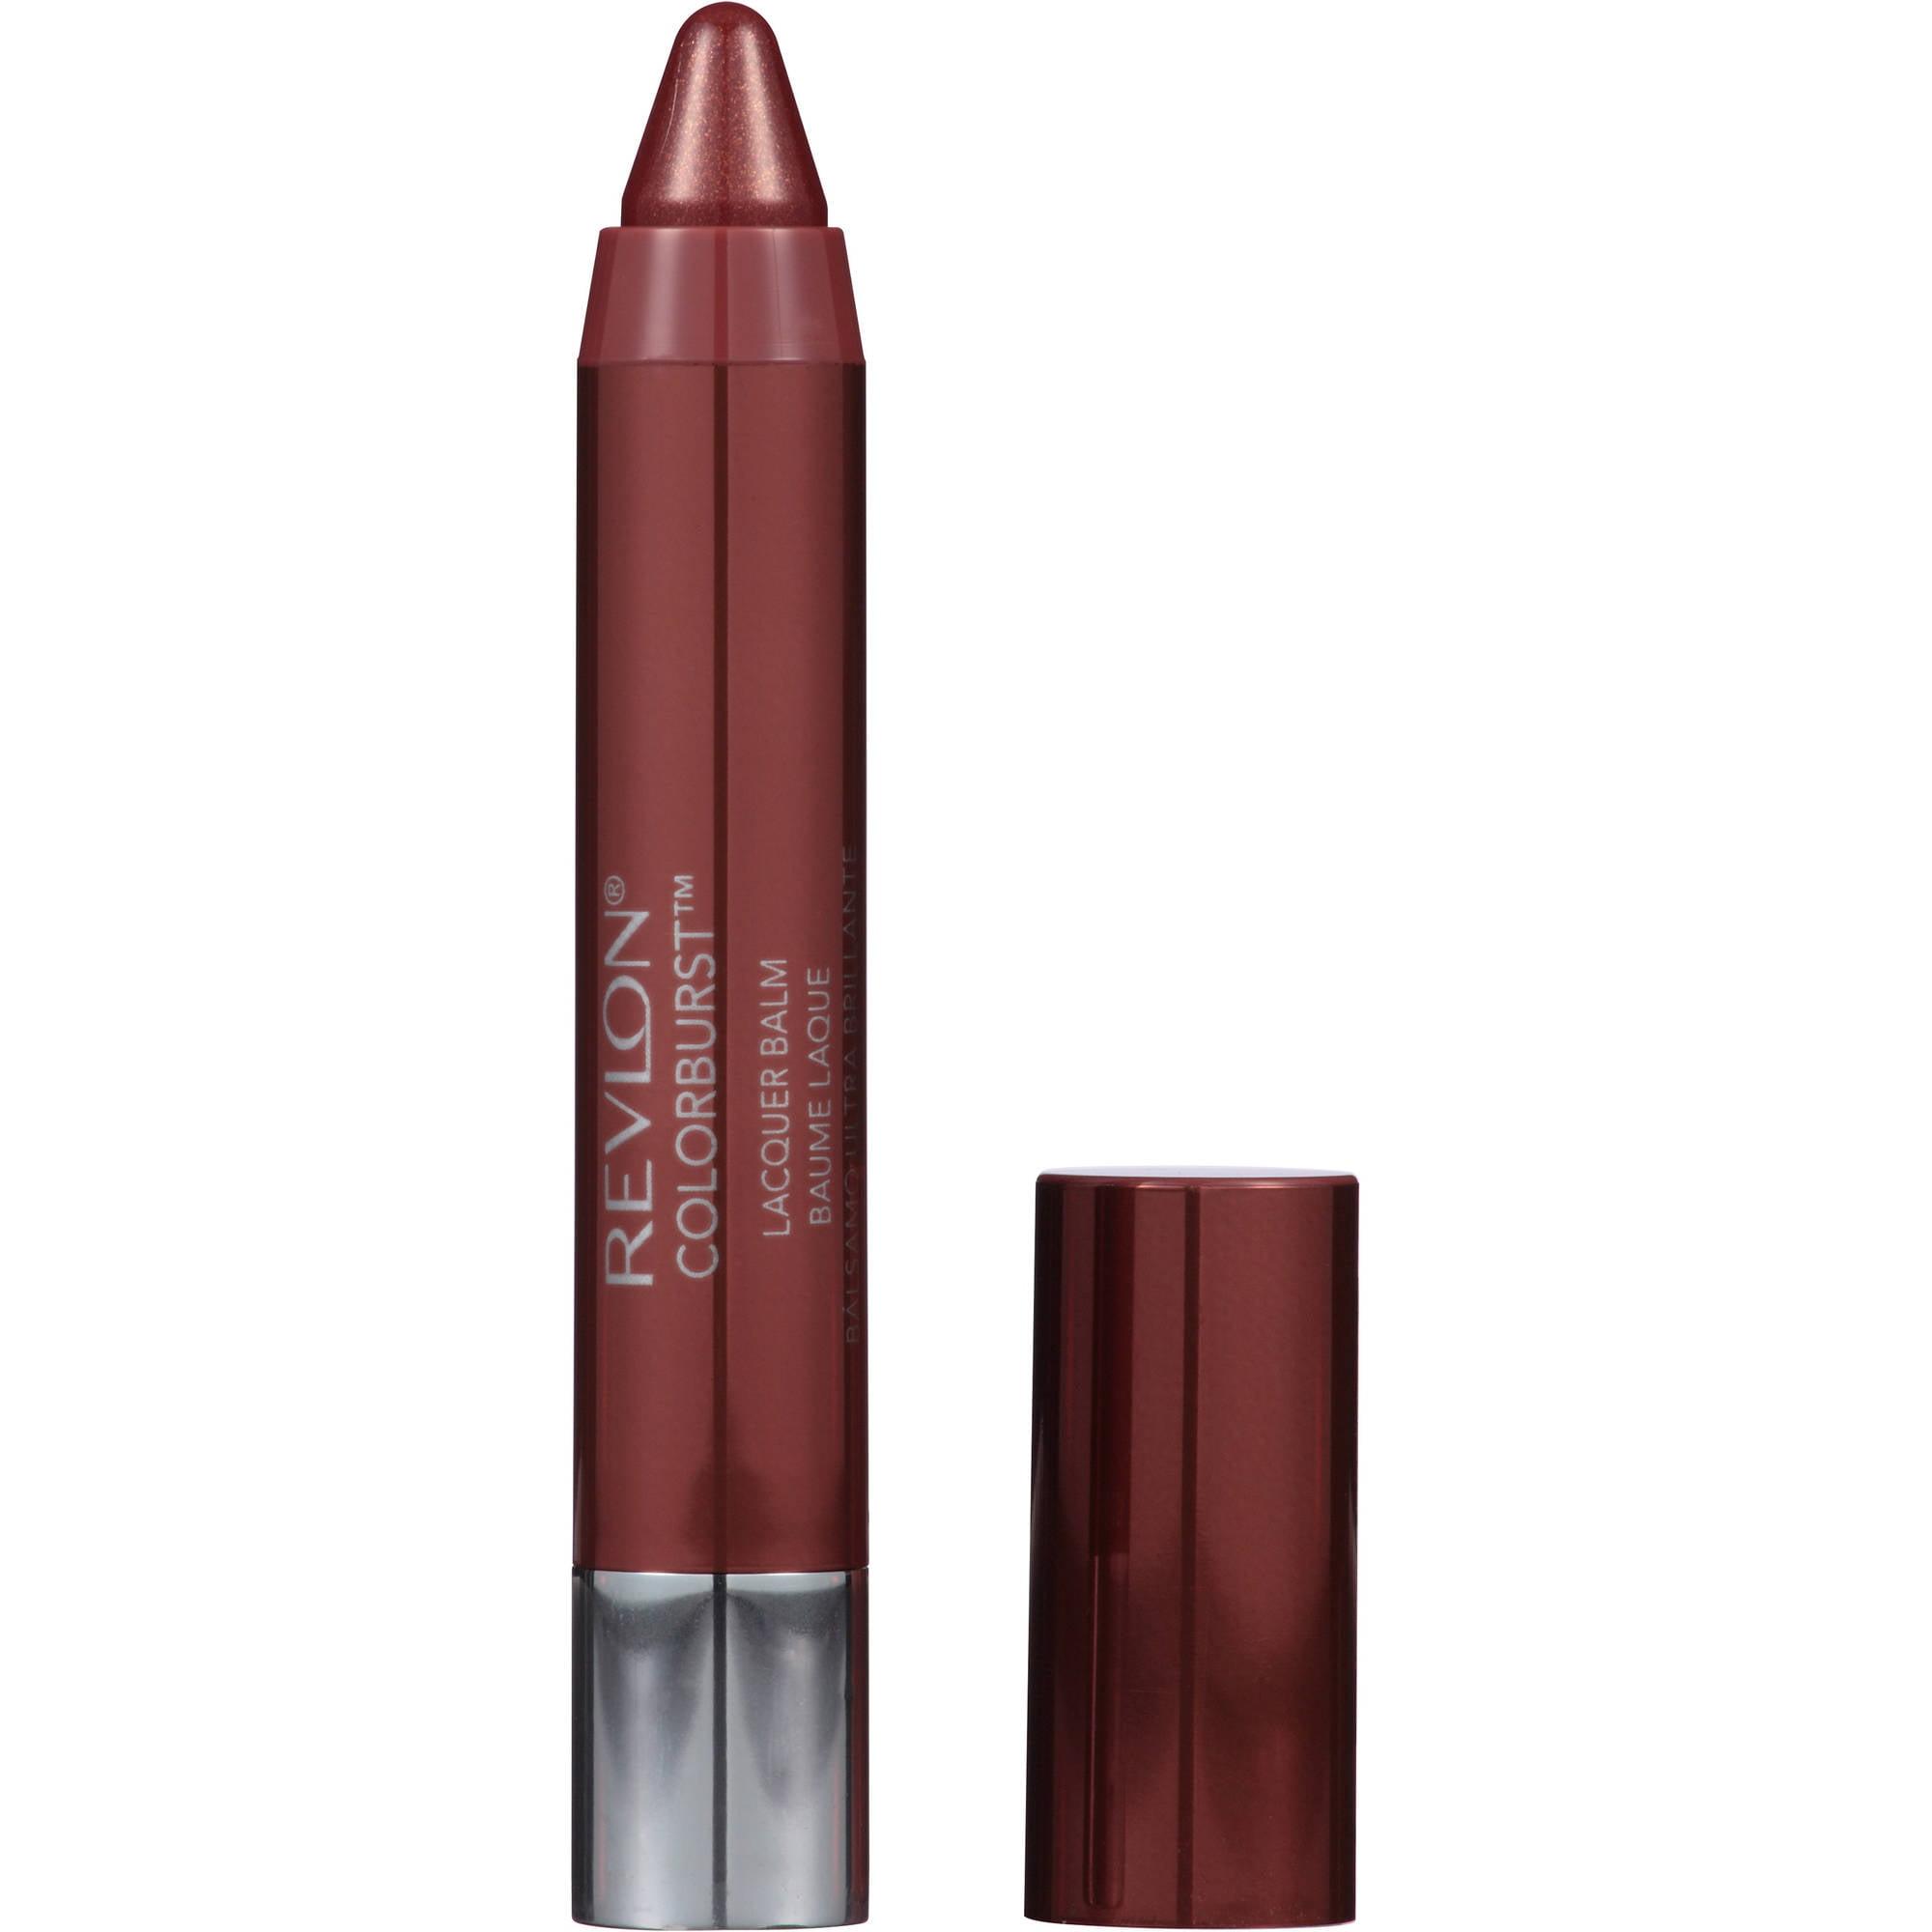 Maquillaje Para Labios Bálsamo labial de Revlon ColorBurst laca, 140 tentadoras, oz 0,095 + Revlon en Veo y Compro